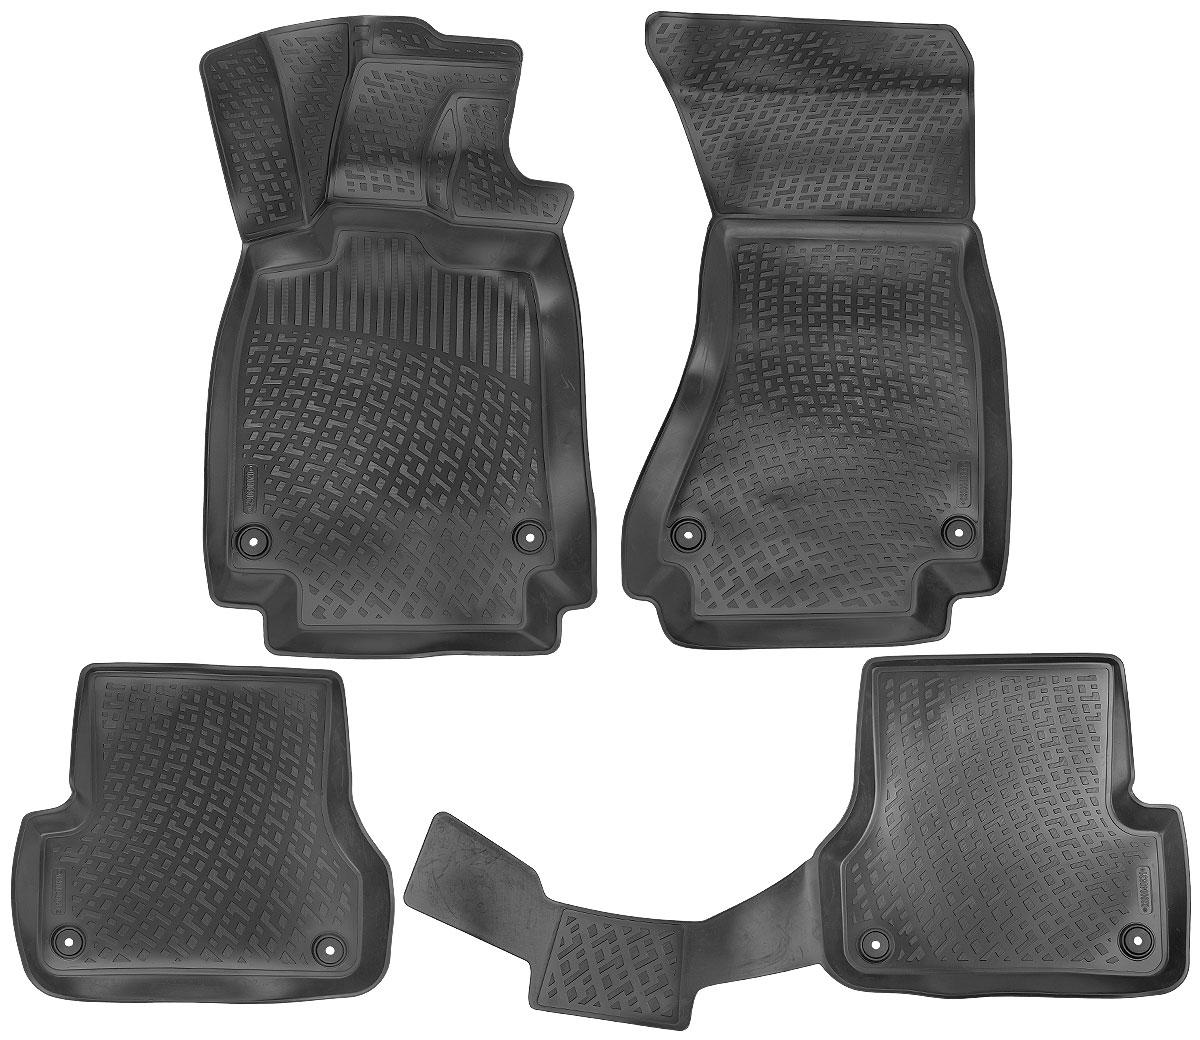 Набор автомобильных ковриков L.Locker Audi A6 IV 2014-0200040601Набор L.Locker Audi A6 IV 2014-, изготовленный из полиуретана, состоит из 4 антискользящих ковриков, которые производятся индивидуально для каждой модели автомобиля. Изделие точно повторяет геометрию пола автомобиля, имеет высокий борт, обладает повышенной износоустойчивостью, лишено резкого запаха и сохраняет свои потребительские свойства в широком диапазоне температур от -50°С до +50°С.Комплектация: 4 шт.Размер ковриков: 89 см х 56 см; 55 см х 51 см; 109 см х 49 см; 89 см х 57 см.